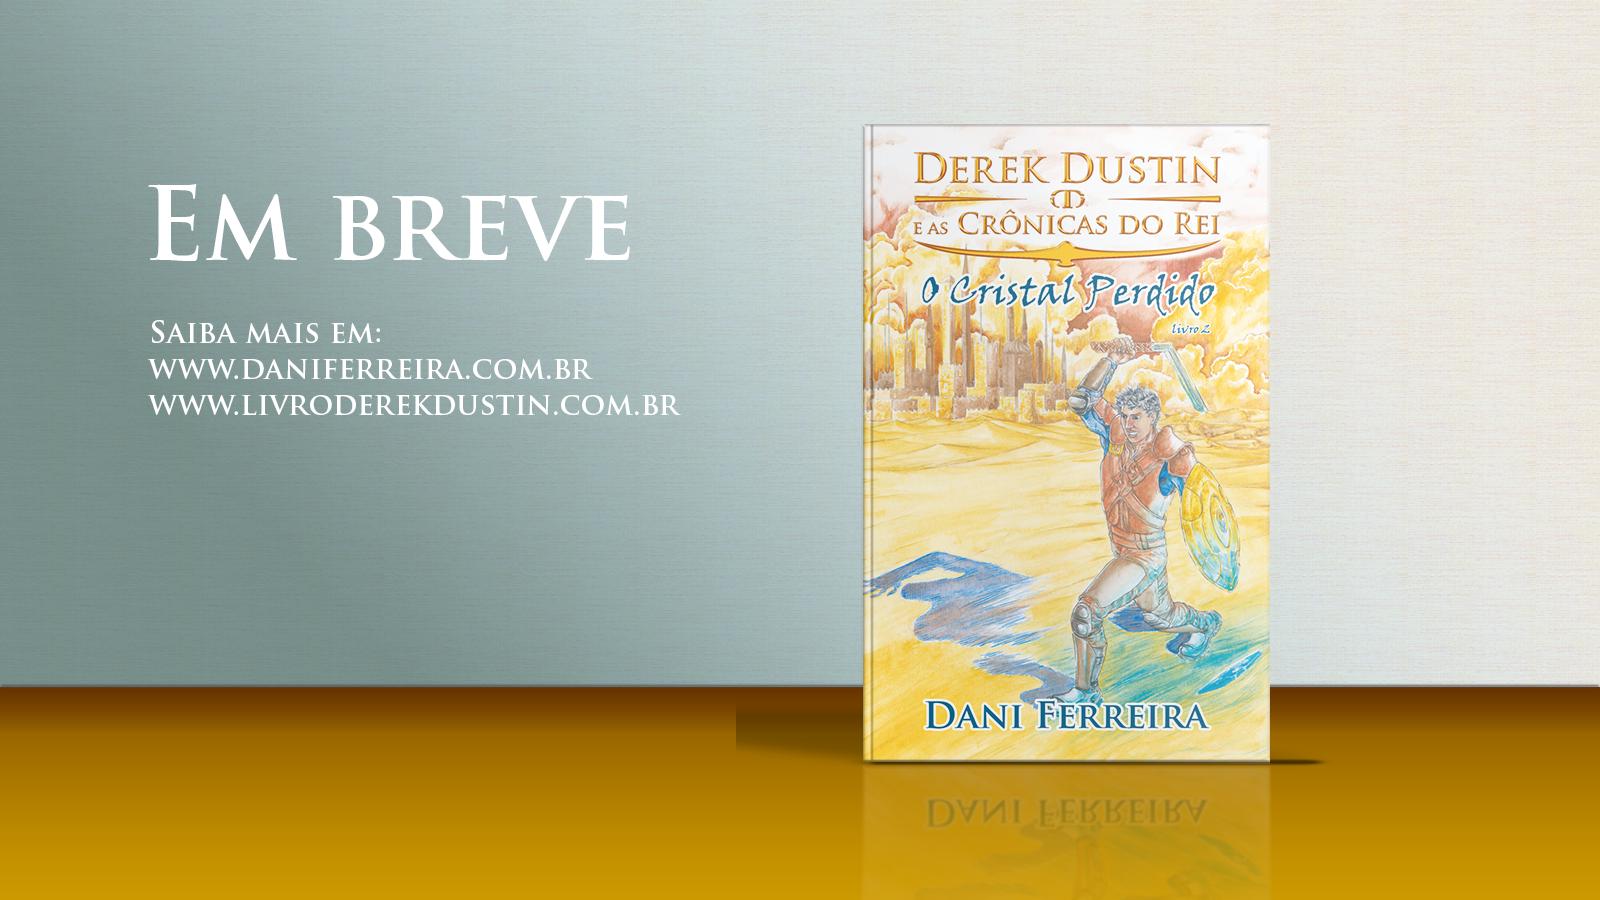 Em Breve - Derek Dustin e As Crônicas do Rei Livro 2 - O Cristal Perdido